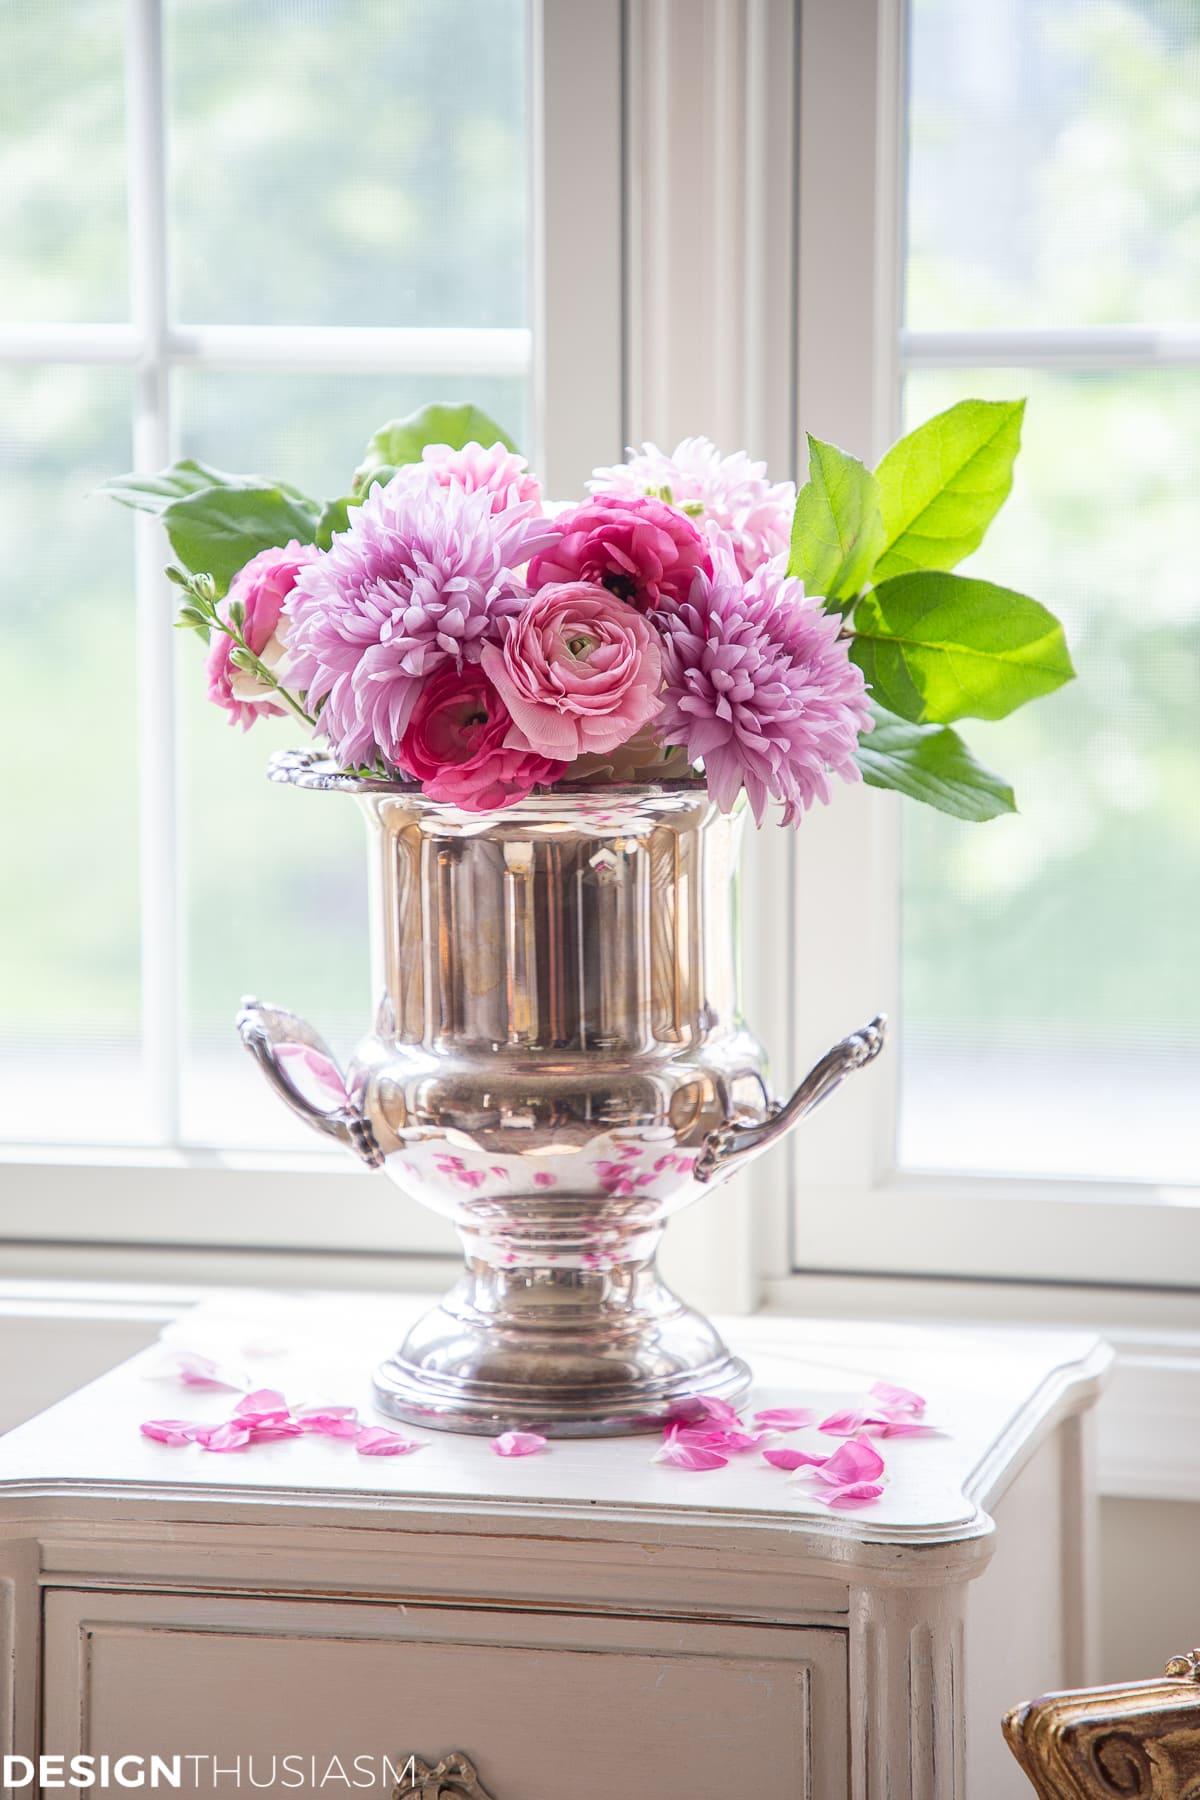 flowers in a silver bucket